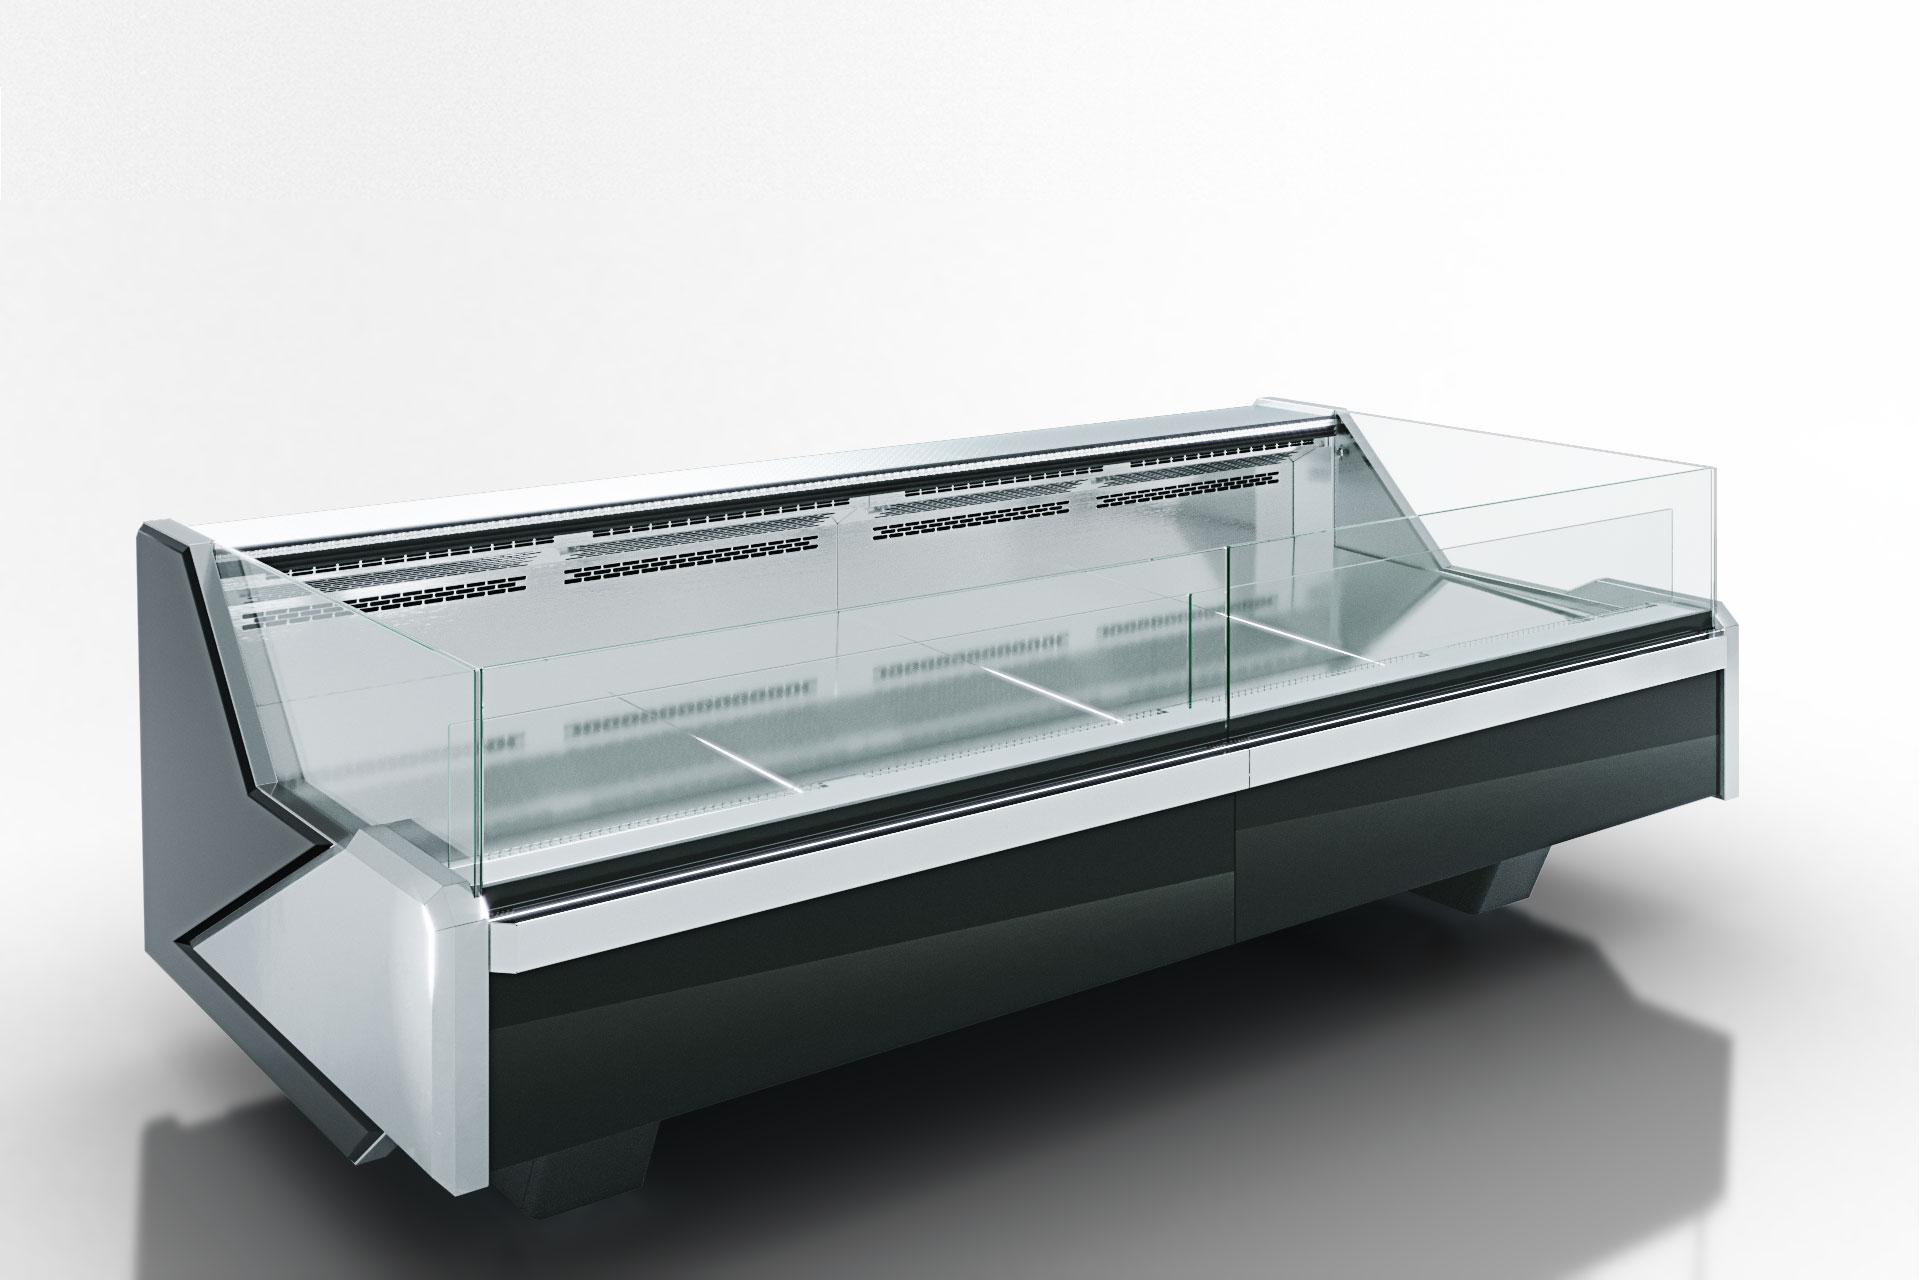 Холодильная витрина Missouri enigma MC 125 deli self 084-DBM